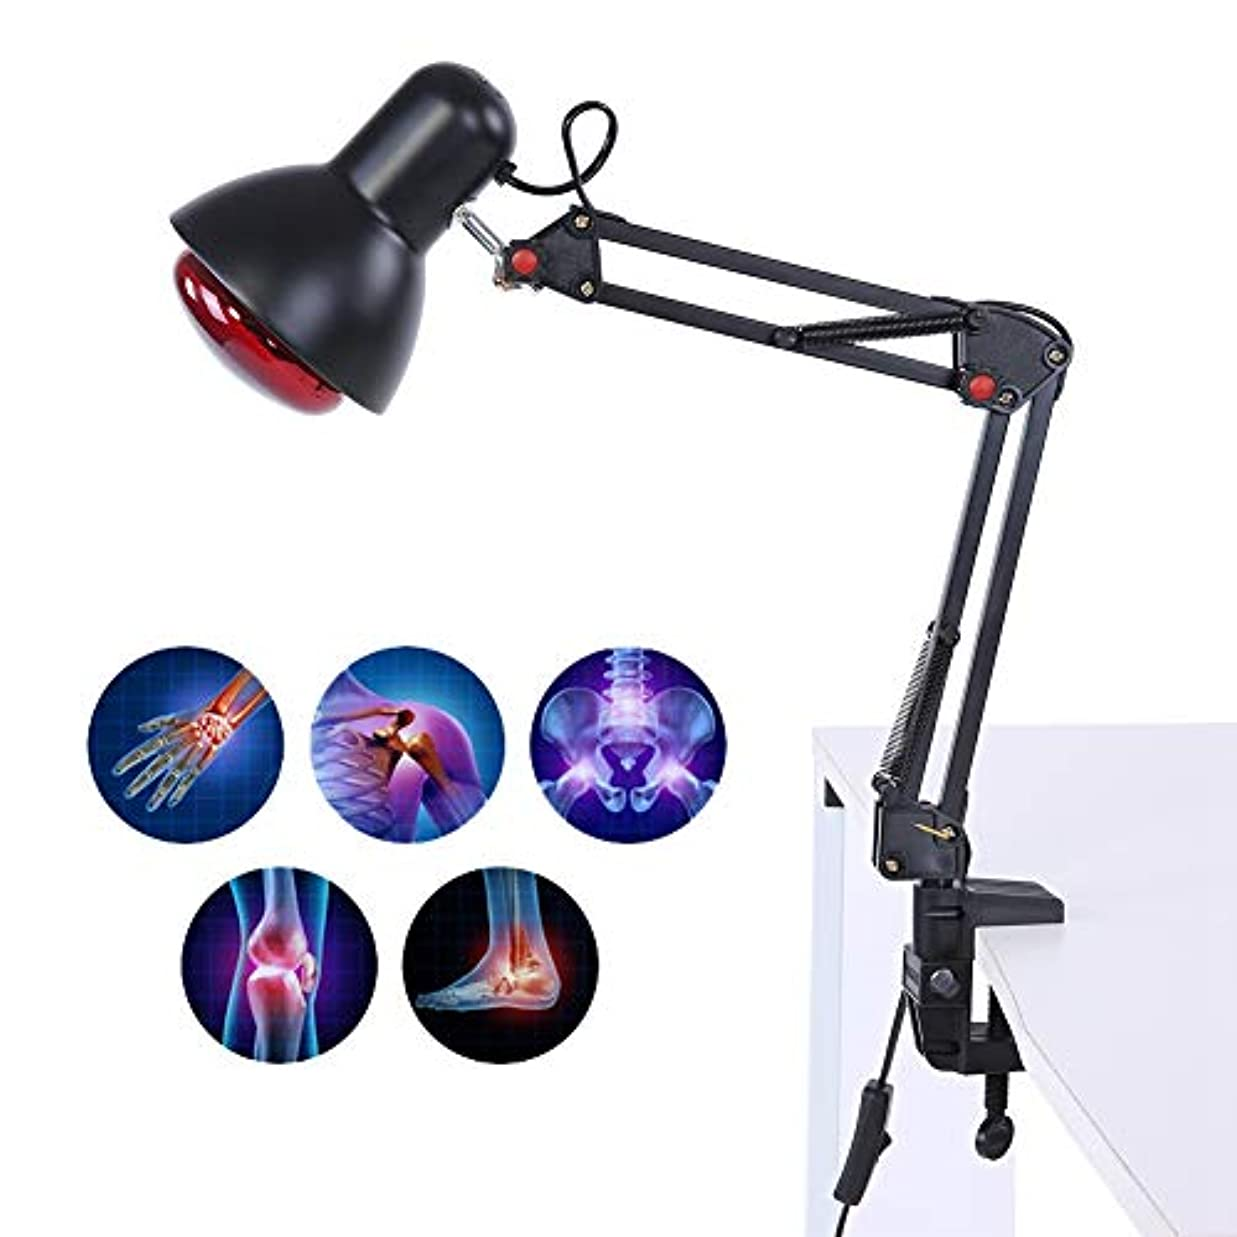 撤退め言葉歌赤外線ヒートマッサージランプ、関節の背中の筋肉痛の軽減のためのローリングホイール/クランプ付き調節可能な温度加熱ライトマッサージ(US-PLUG)